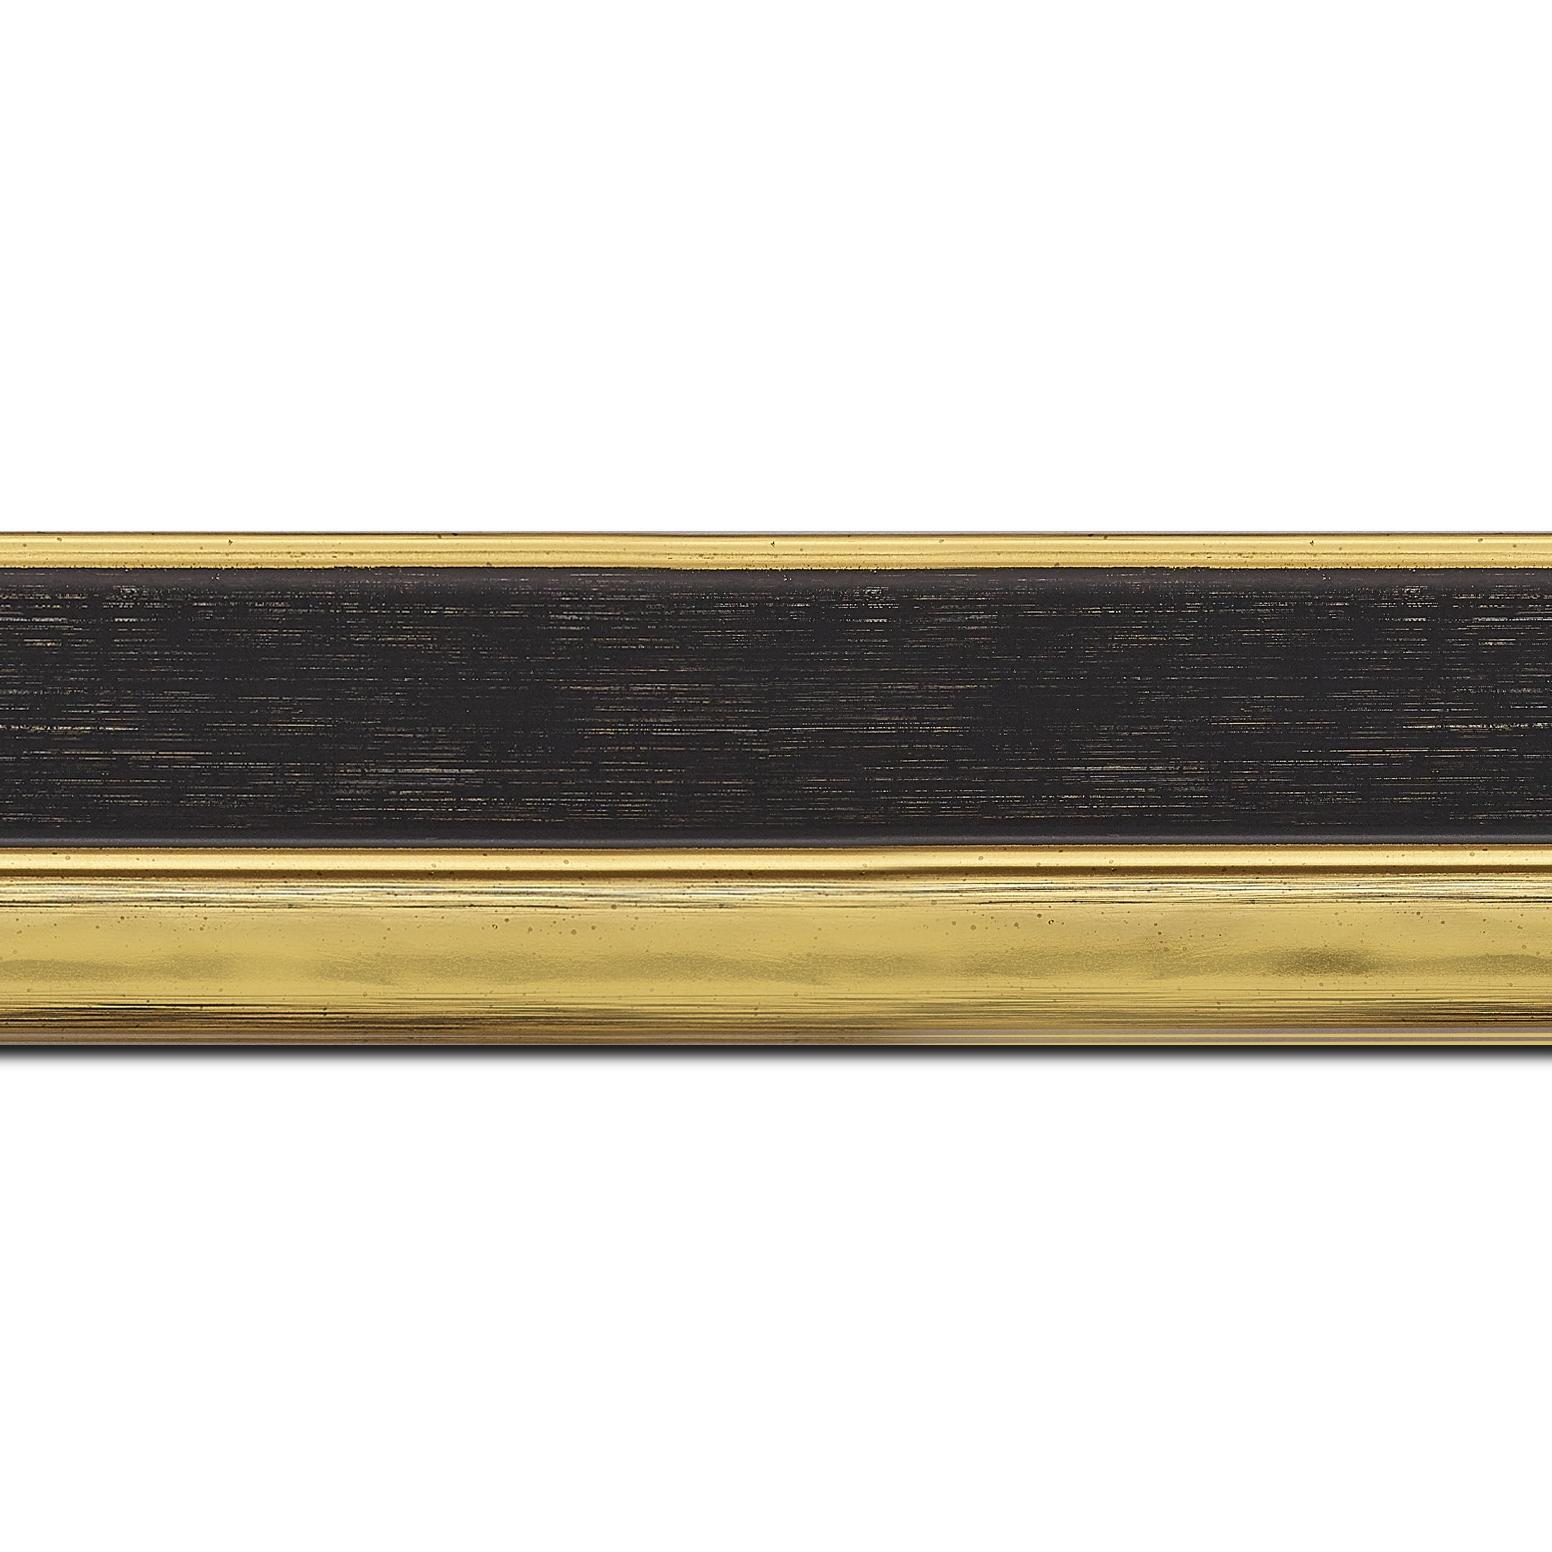 Baguette longueur 1.40m bois profil plat largeur 5cm couleur noir nez or chromé bosselé